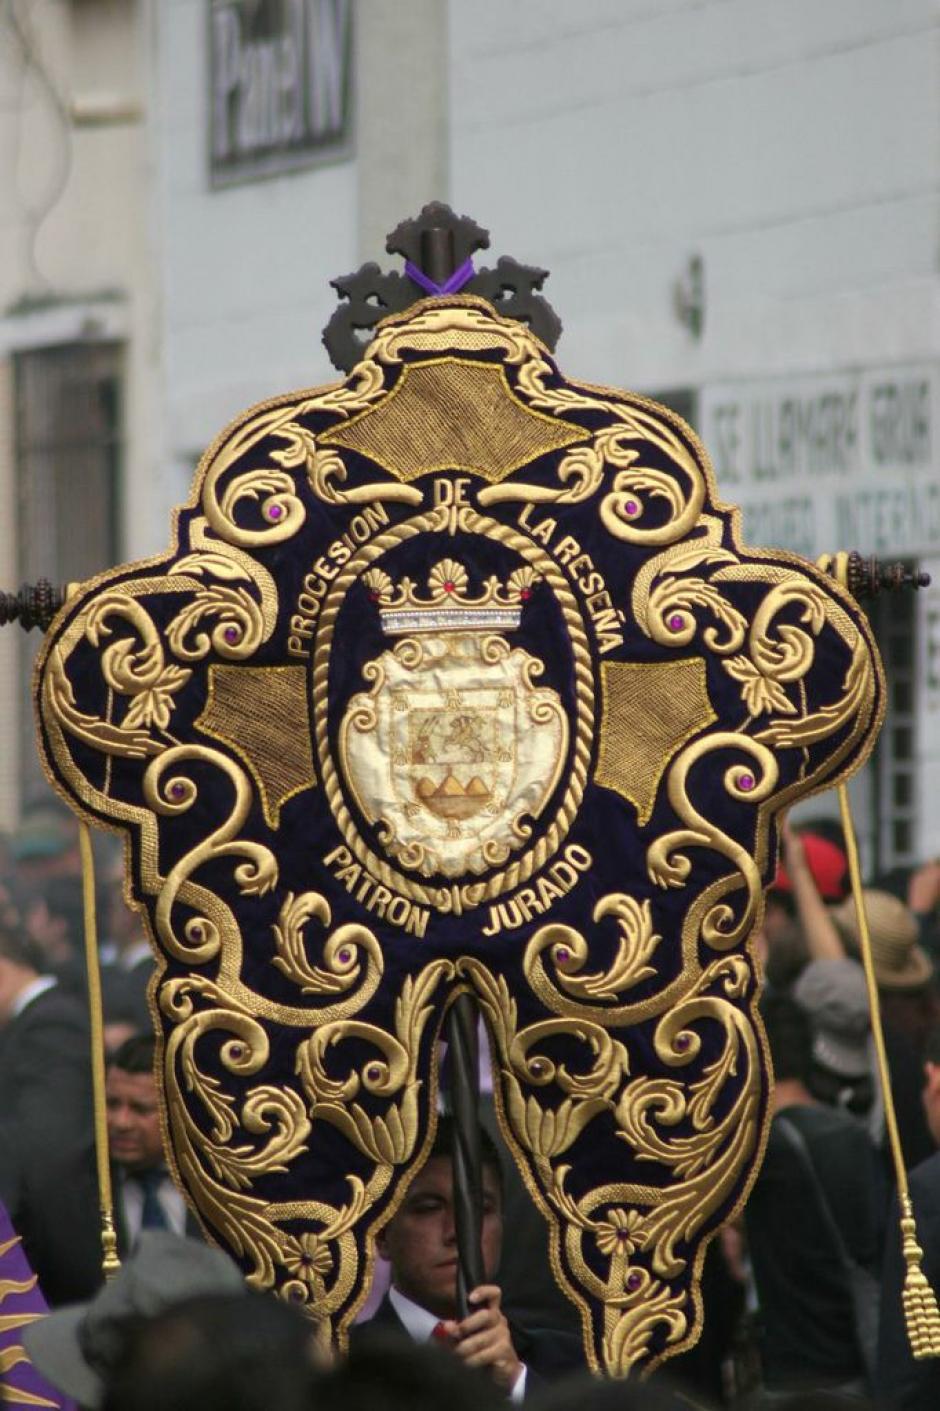 El estandarte dorado de la procesión de la Merced, conocida como La Reseña. (Foto: Raúl Illescas).